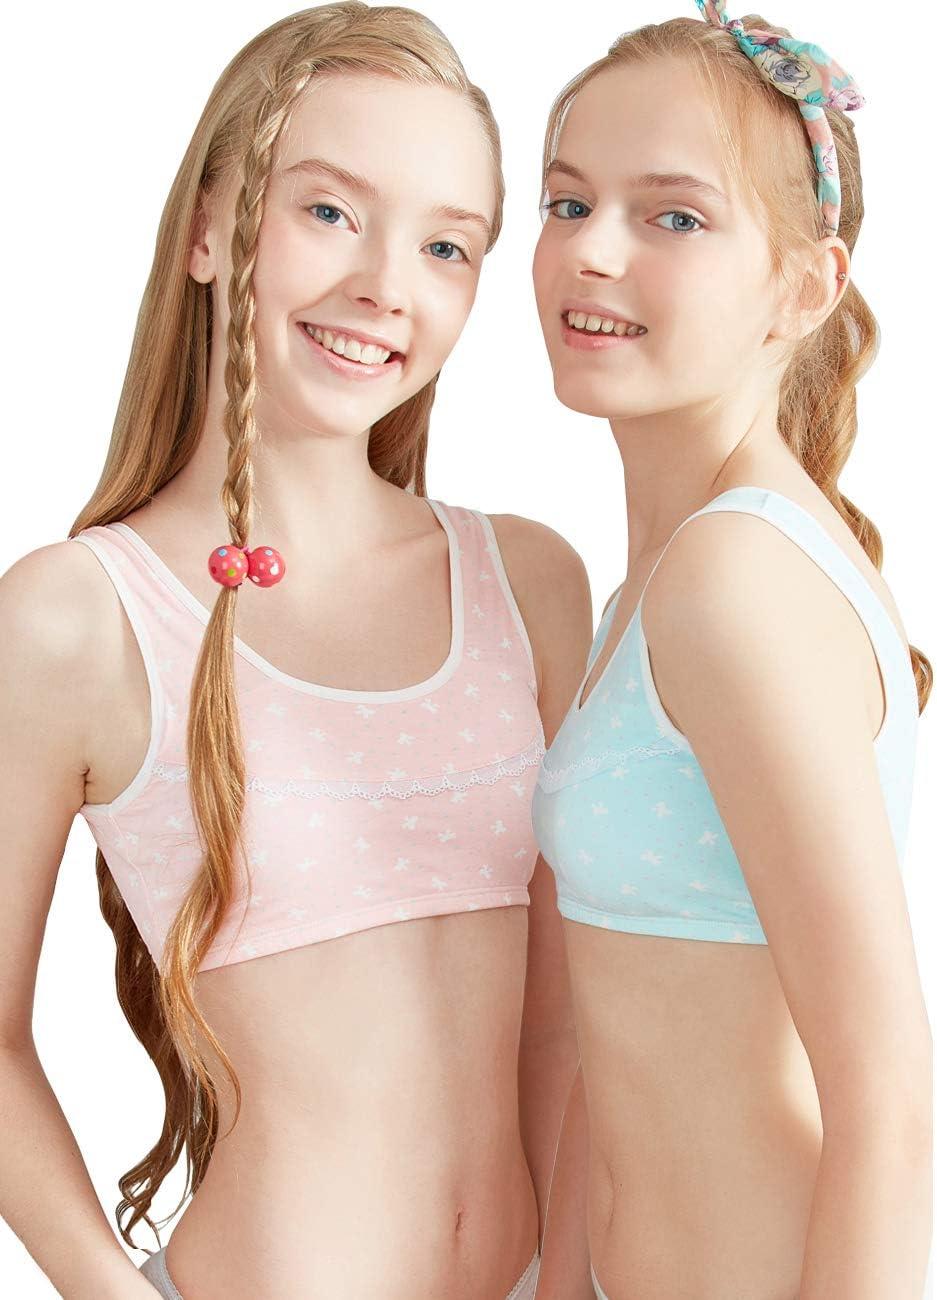 LQIAO Sujetadores B/ásicos para Mujer Sujetadores Transpirable y Push Up Bralette sin Aros Bra C/ómodo Talla Extra Sujetador Deportivo Suave sin Costuras